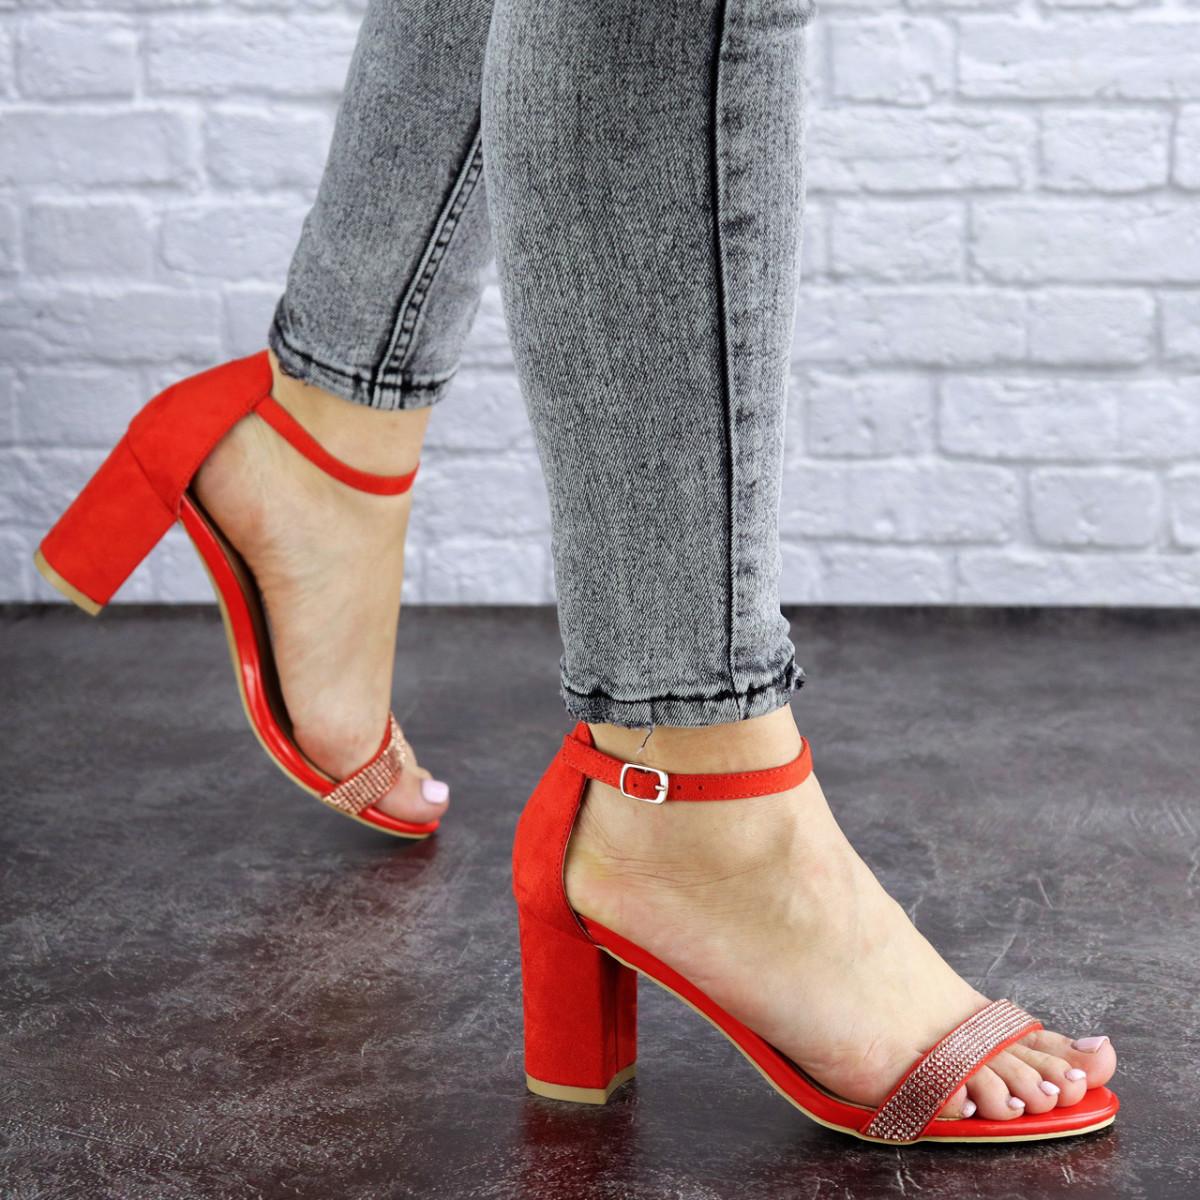 Женские красные босоножки на каблуке Lacey 1770 (36 размер)